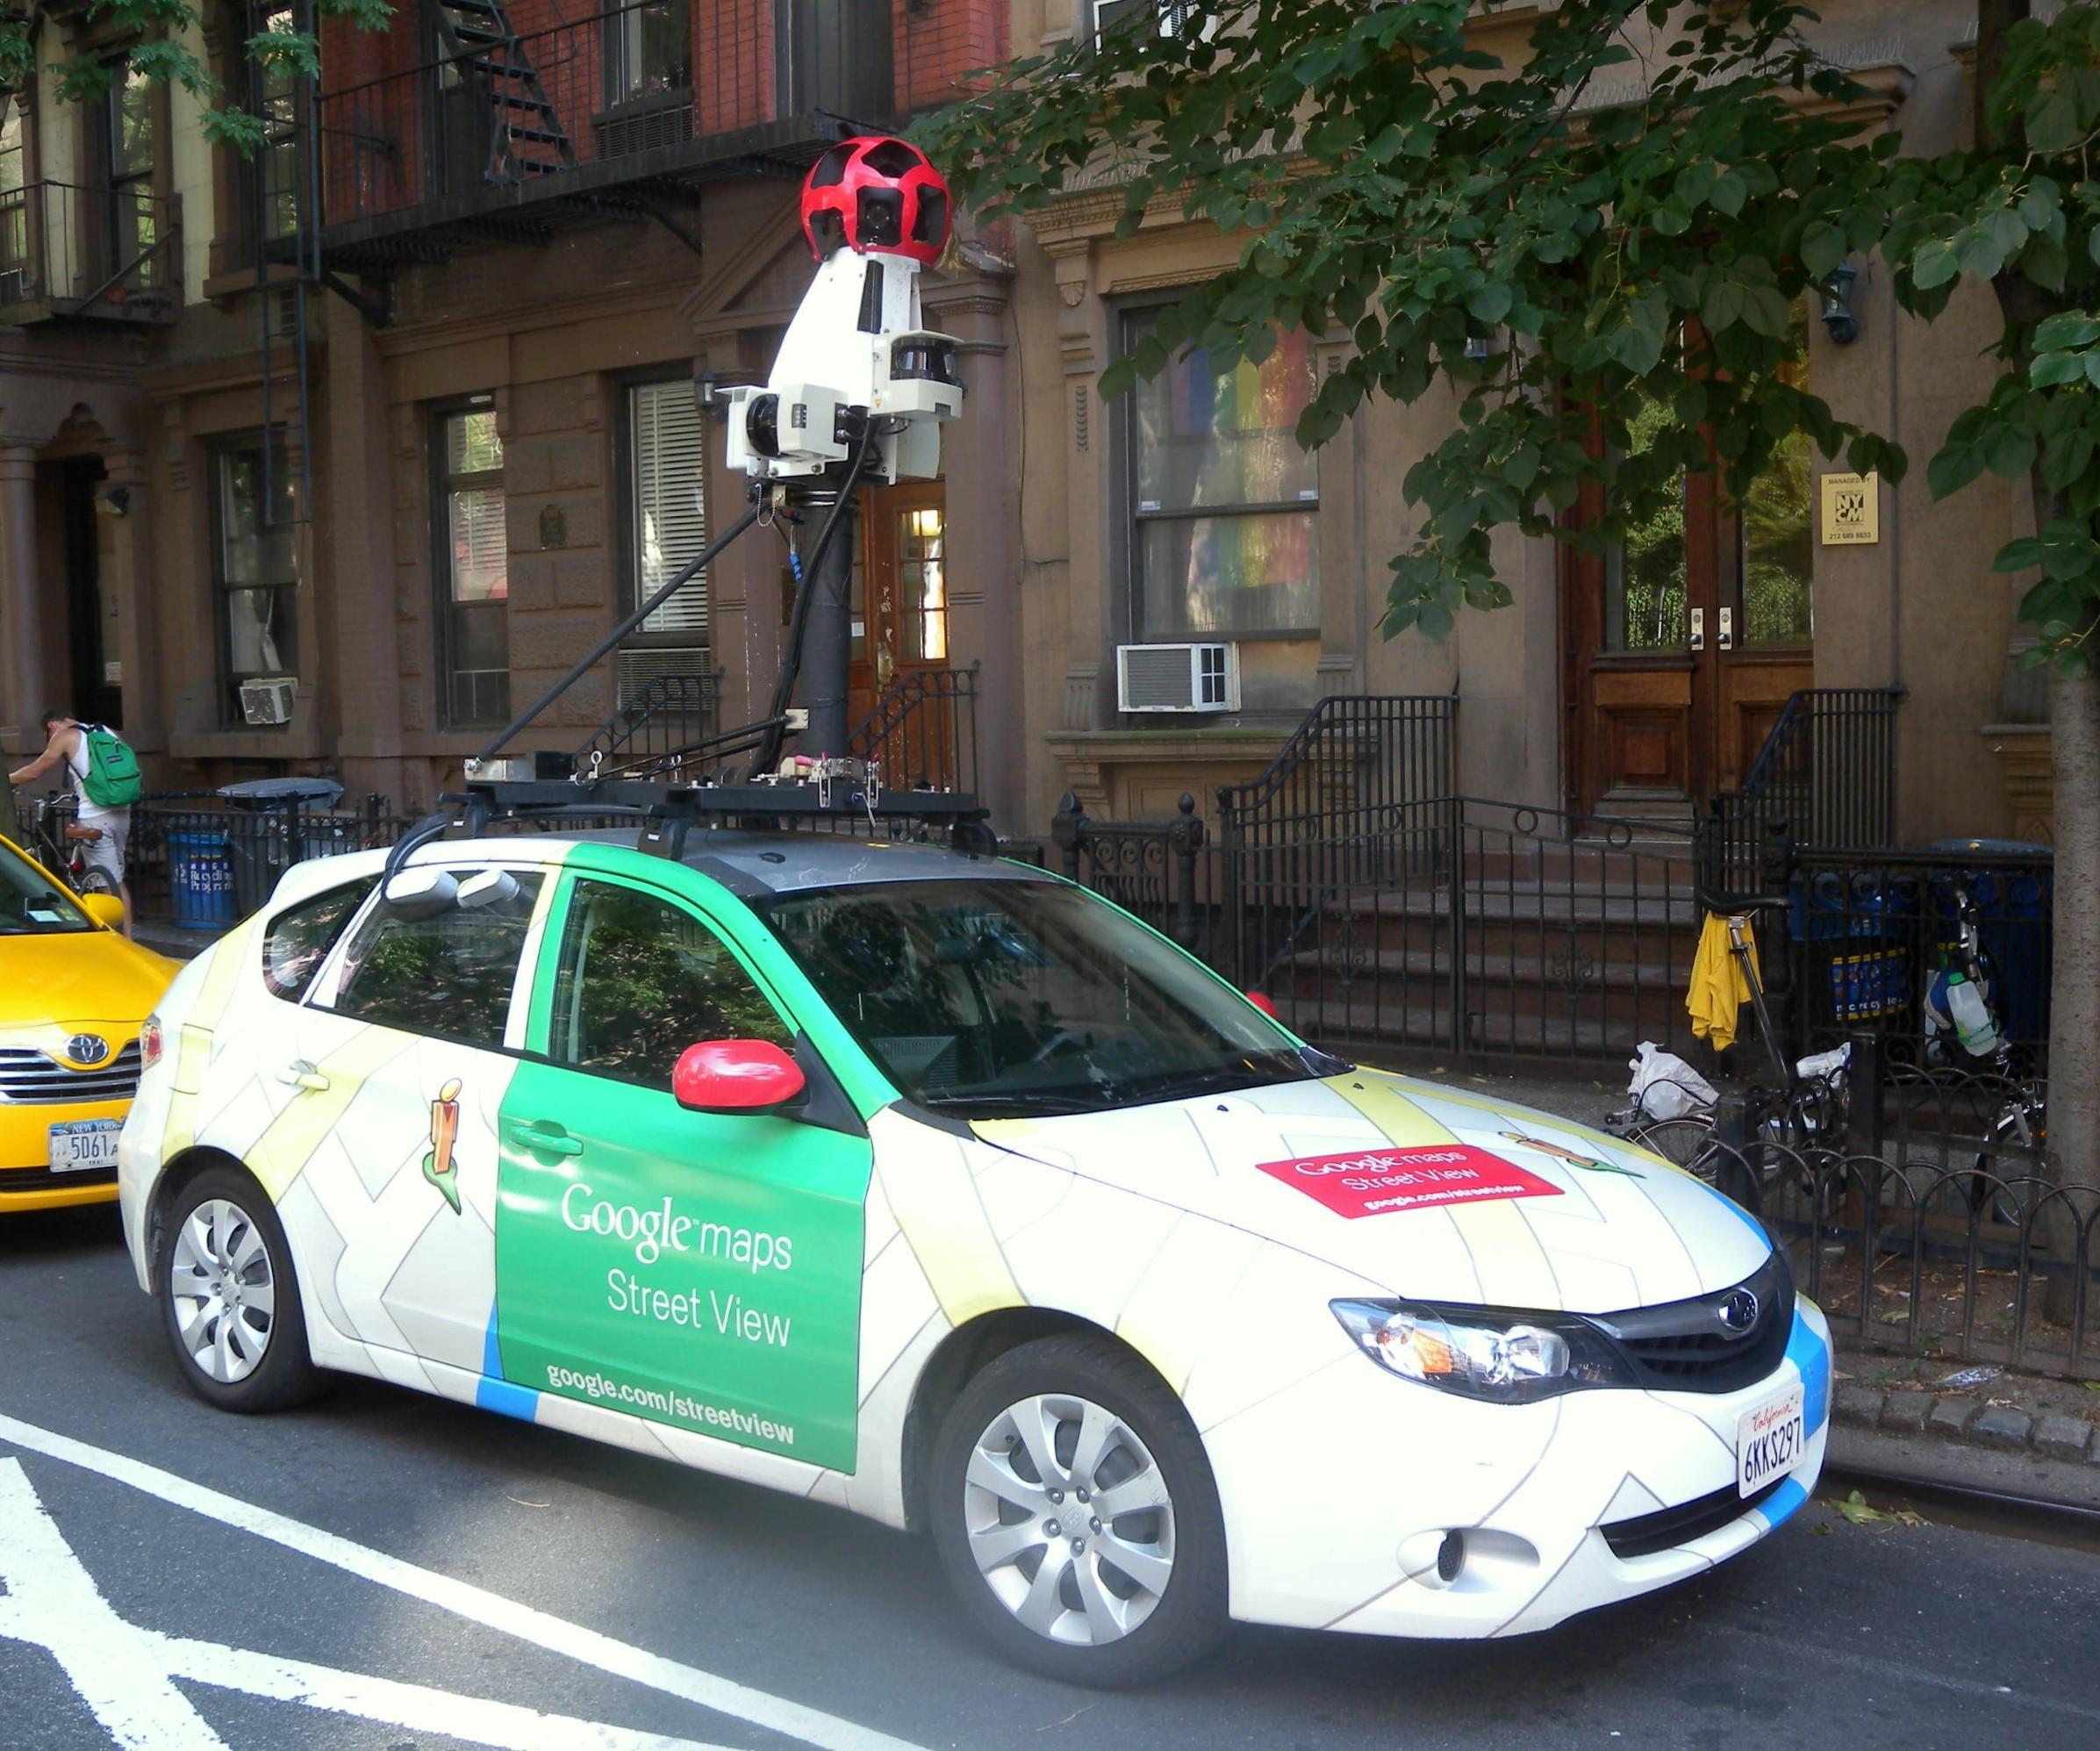 wiki File:Google camera W car jehjpg